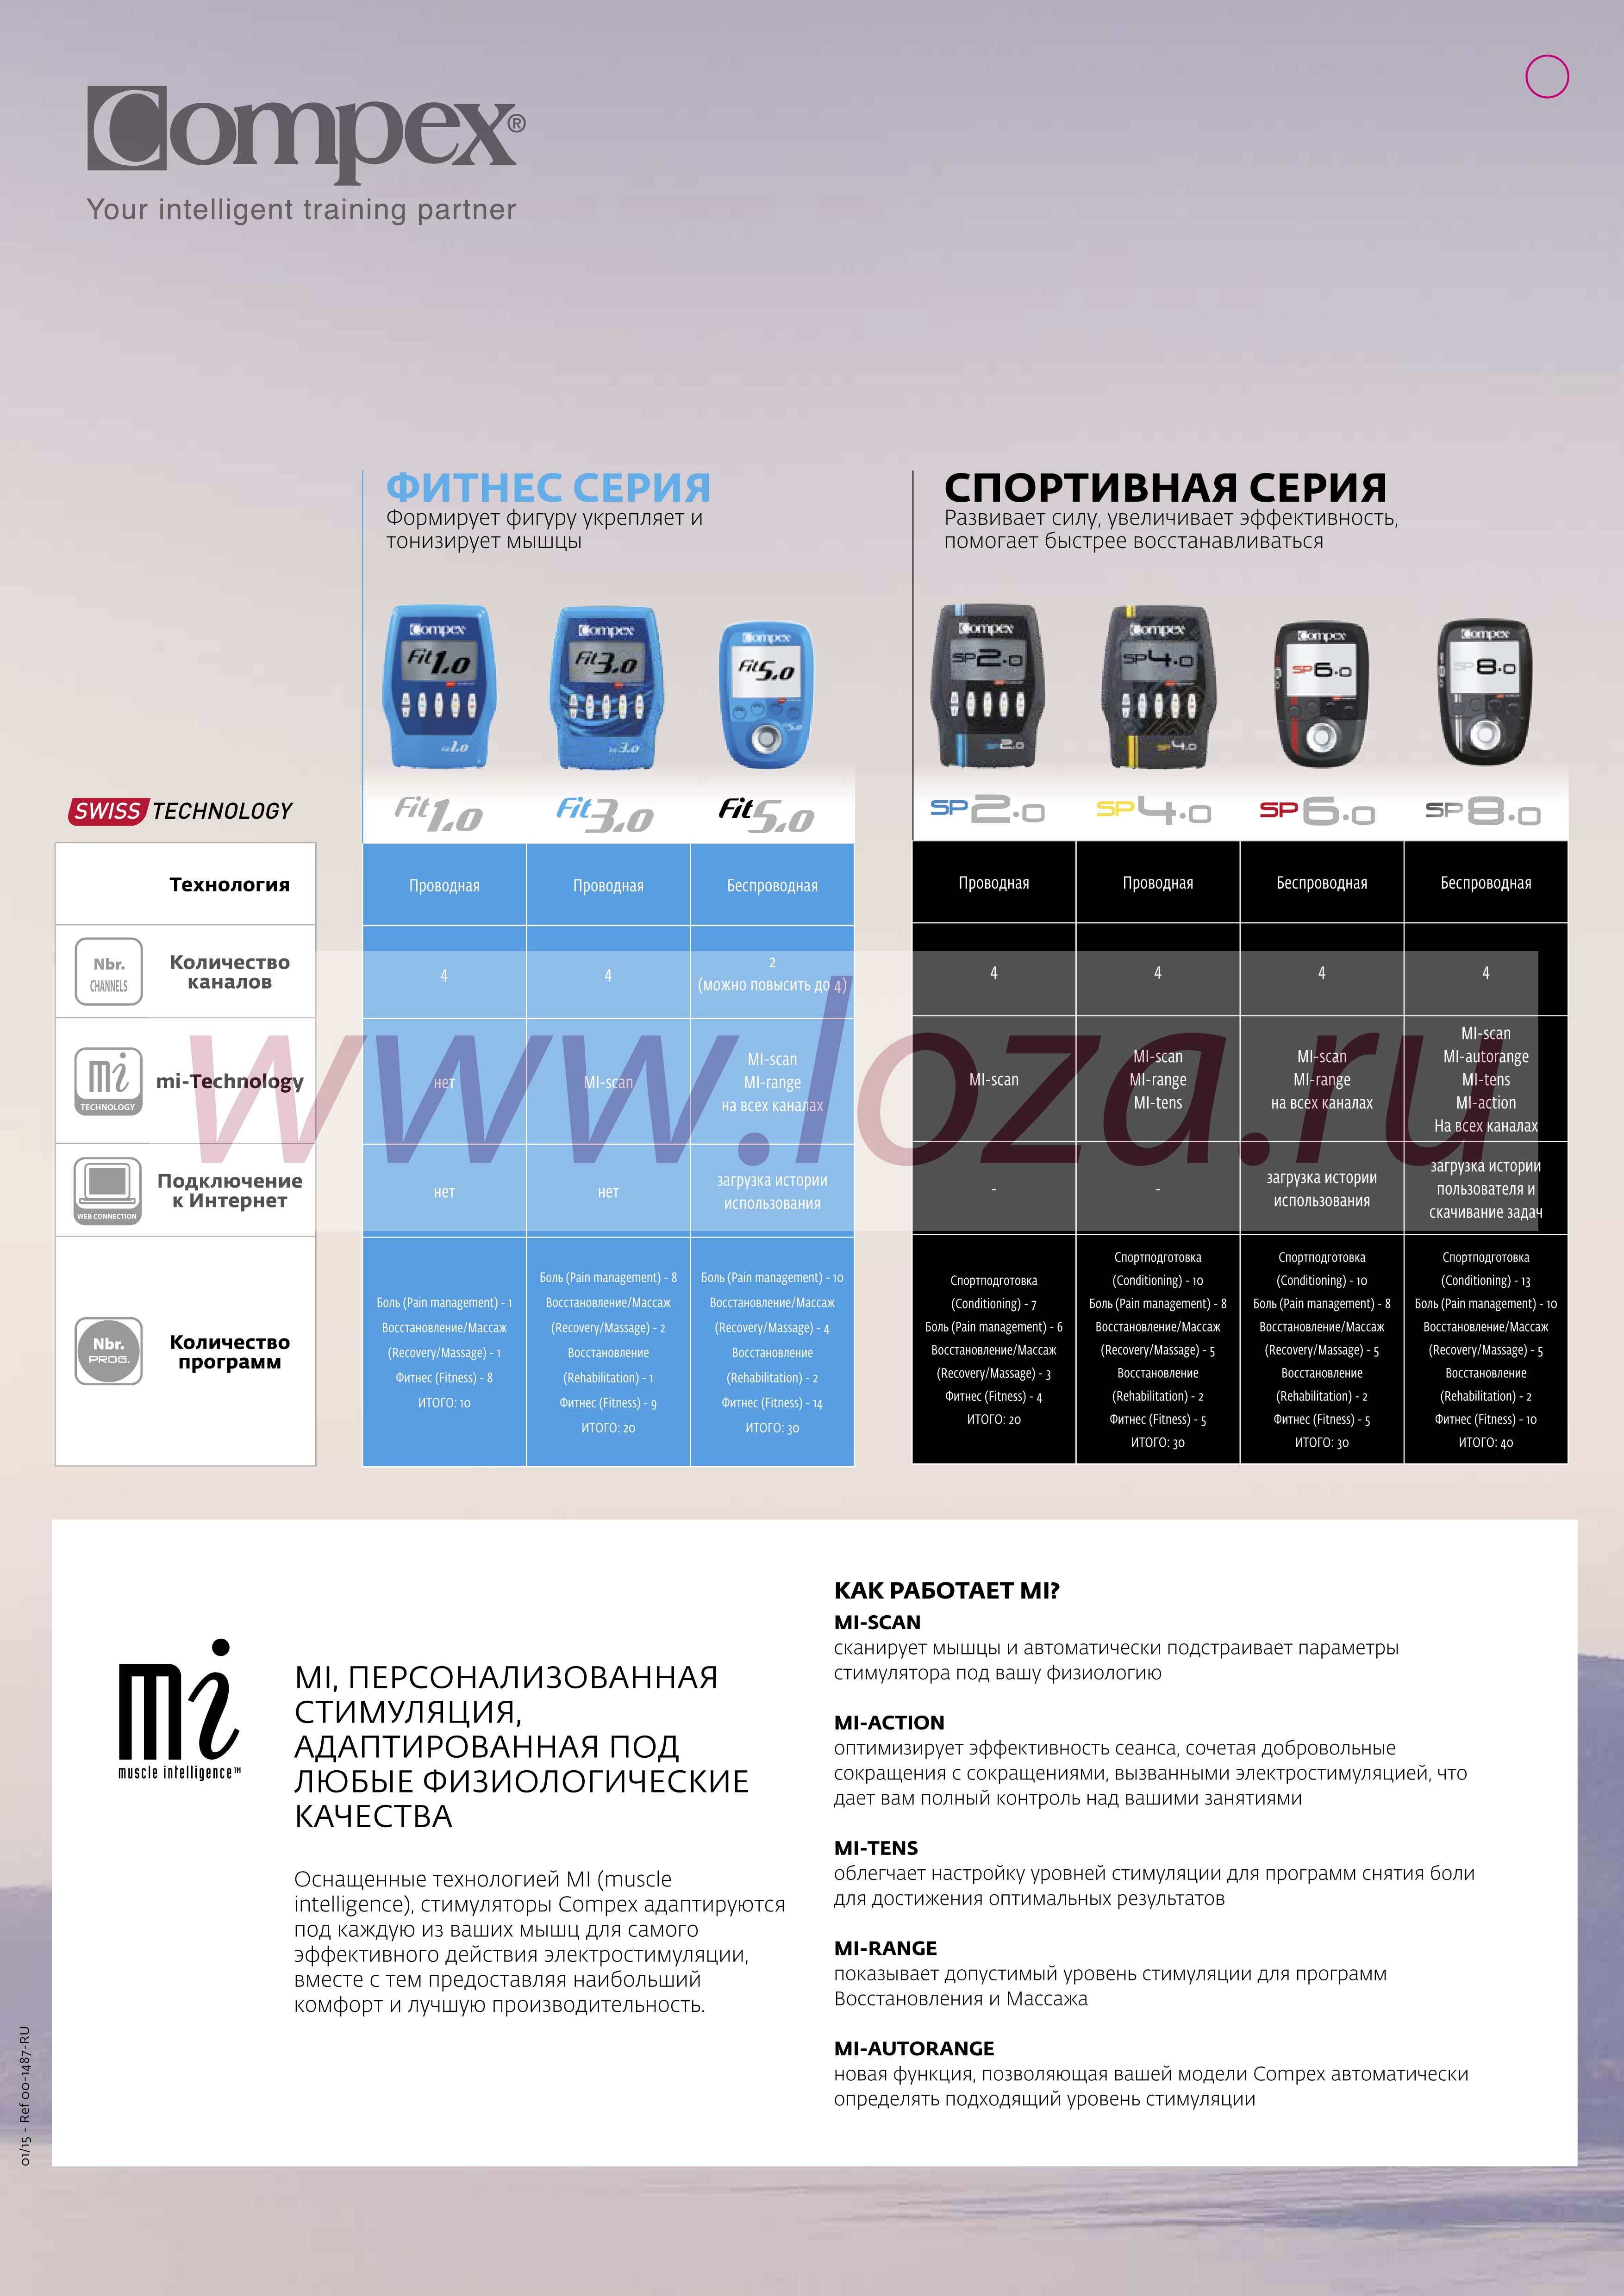 Сравнительная таблица Compex